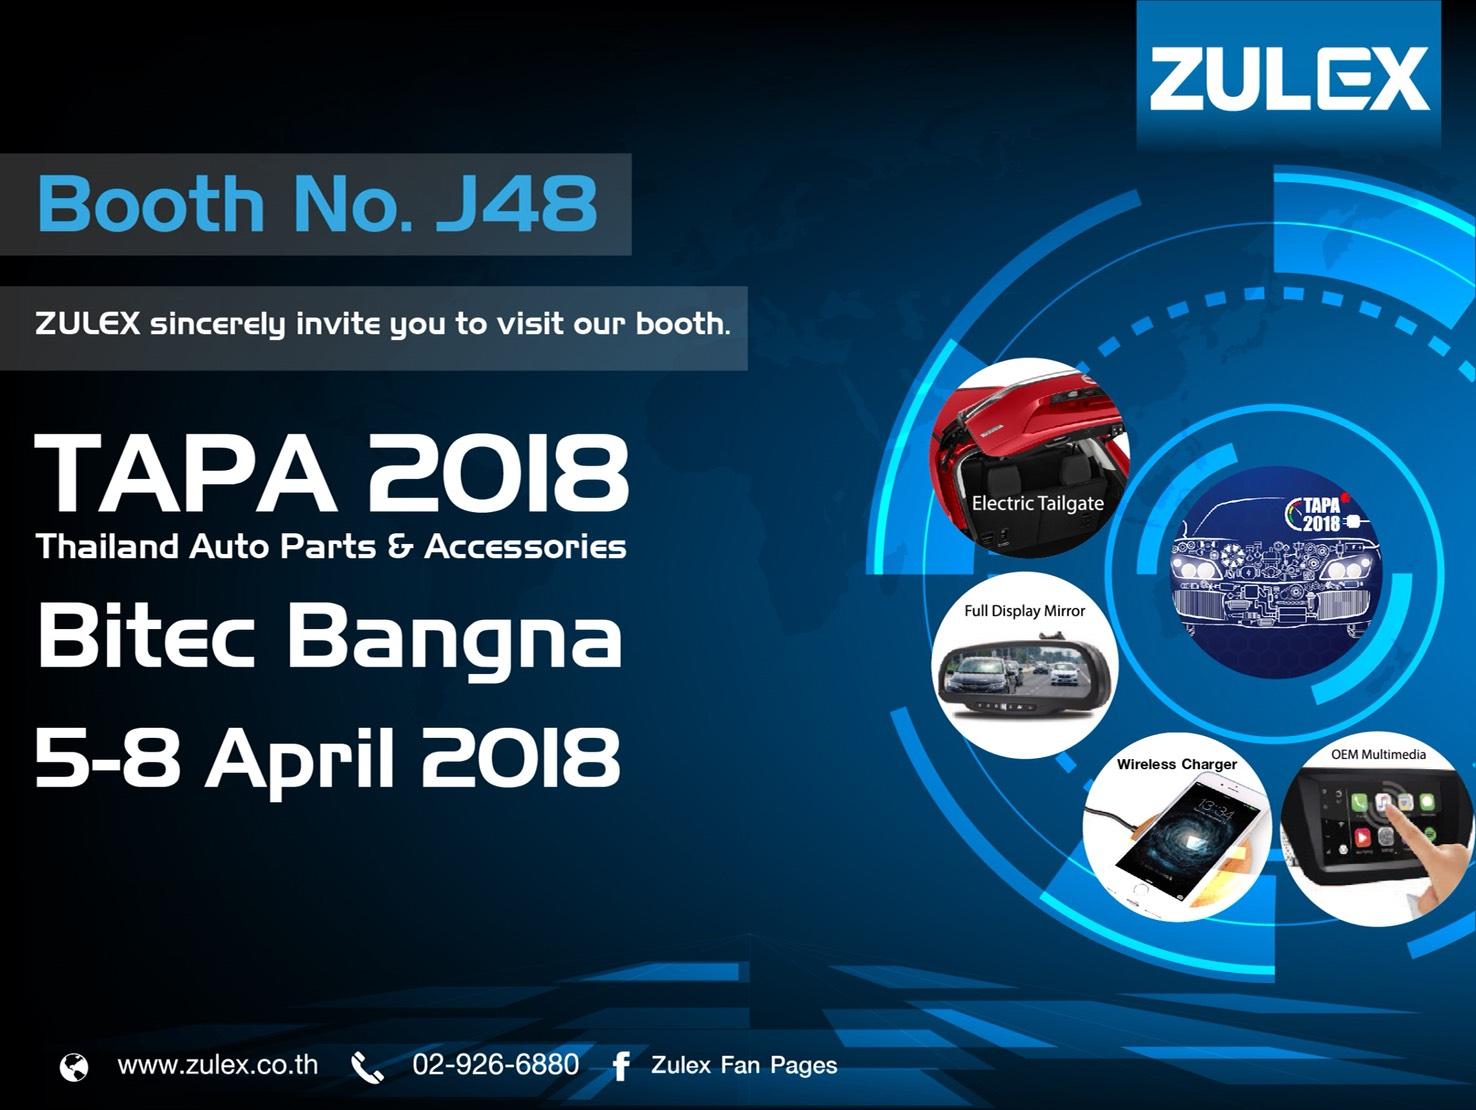 ZULEX เปิดตัว '3 เทคโนโลยีใหม่' ในงาน 'TAPA 2018'